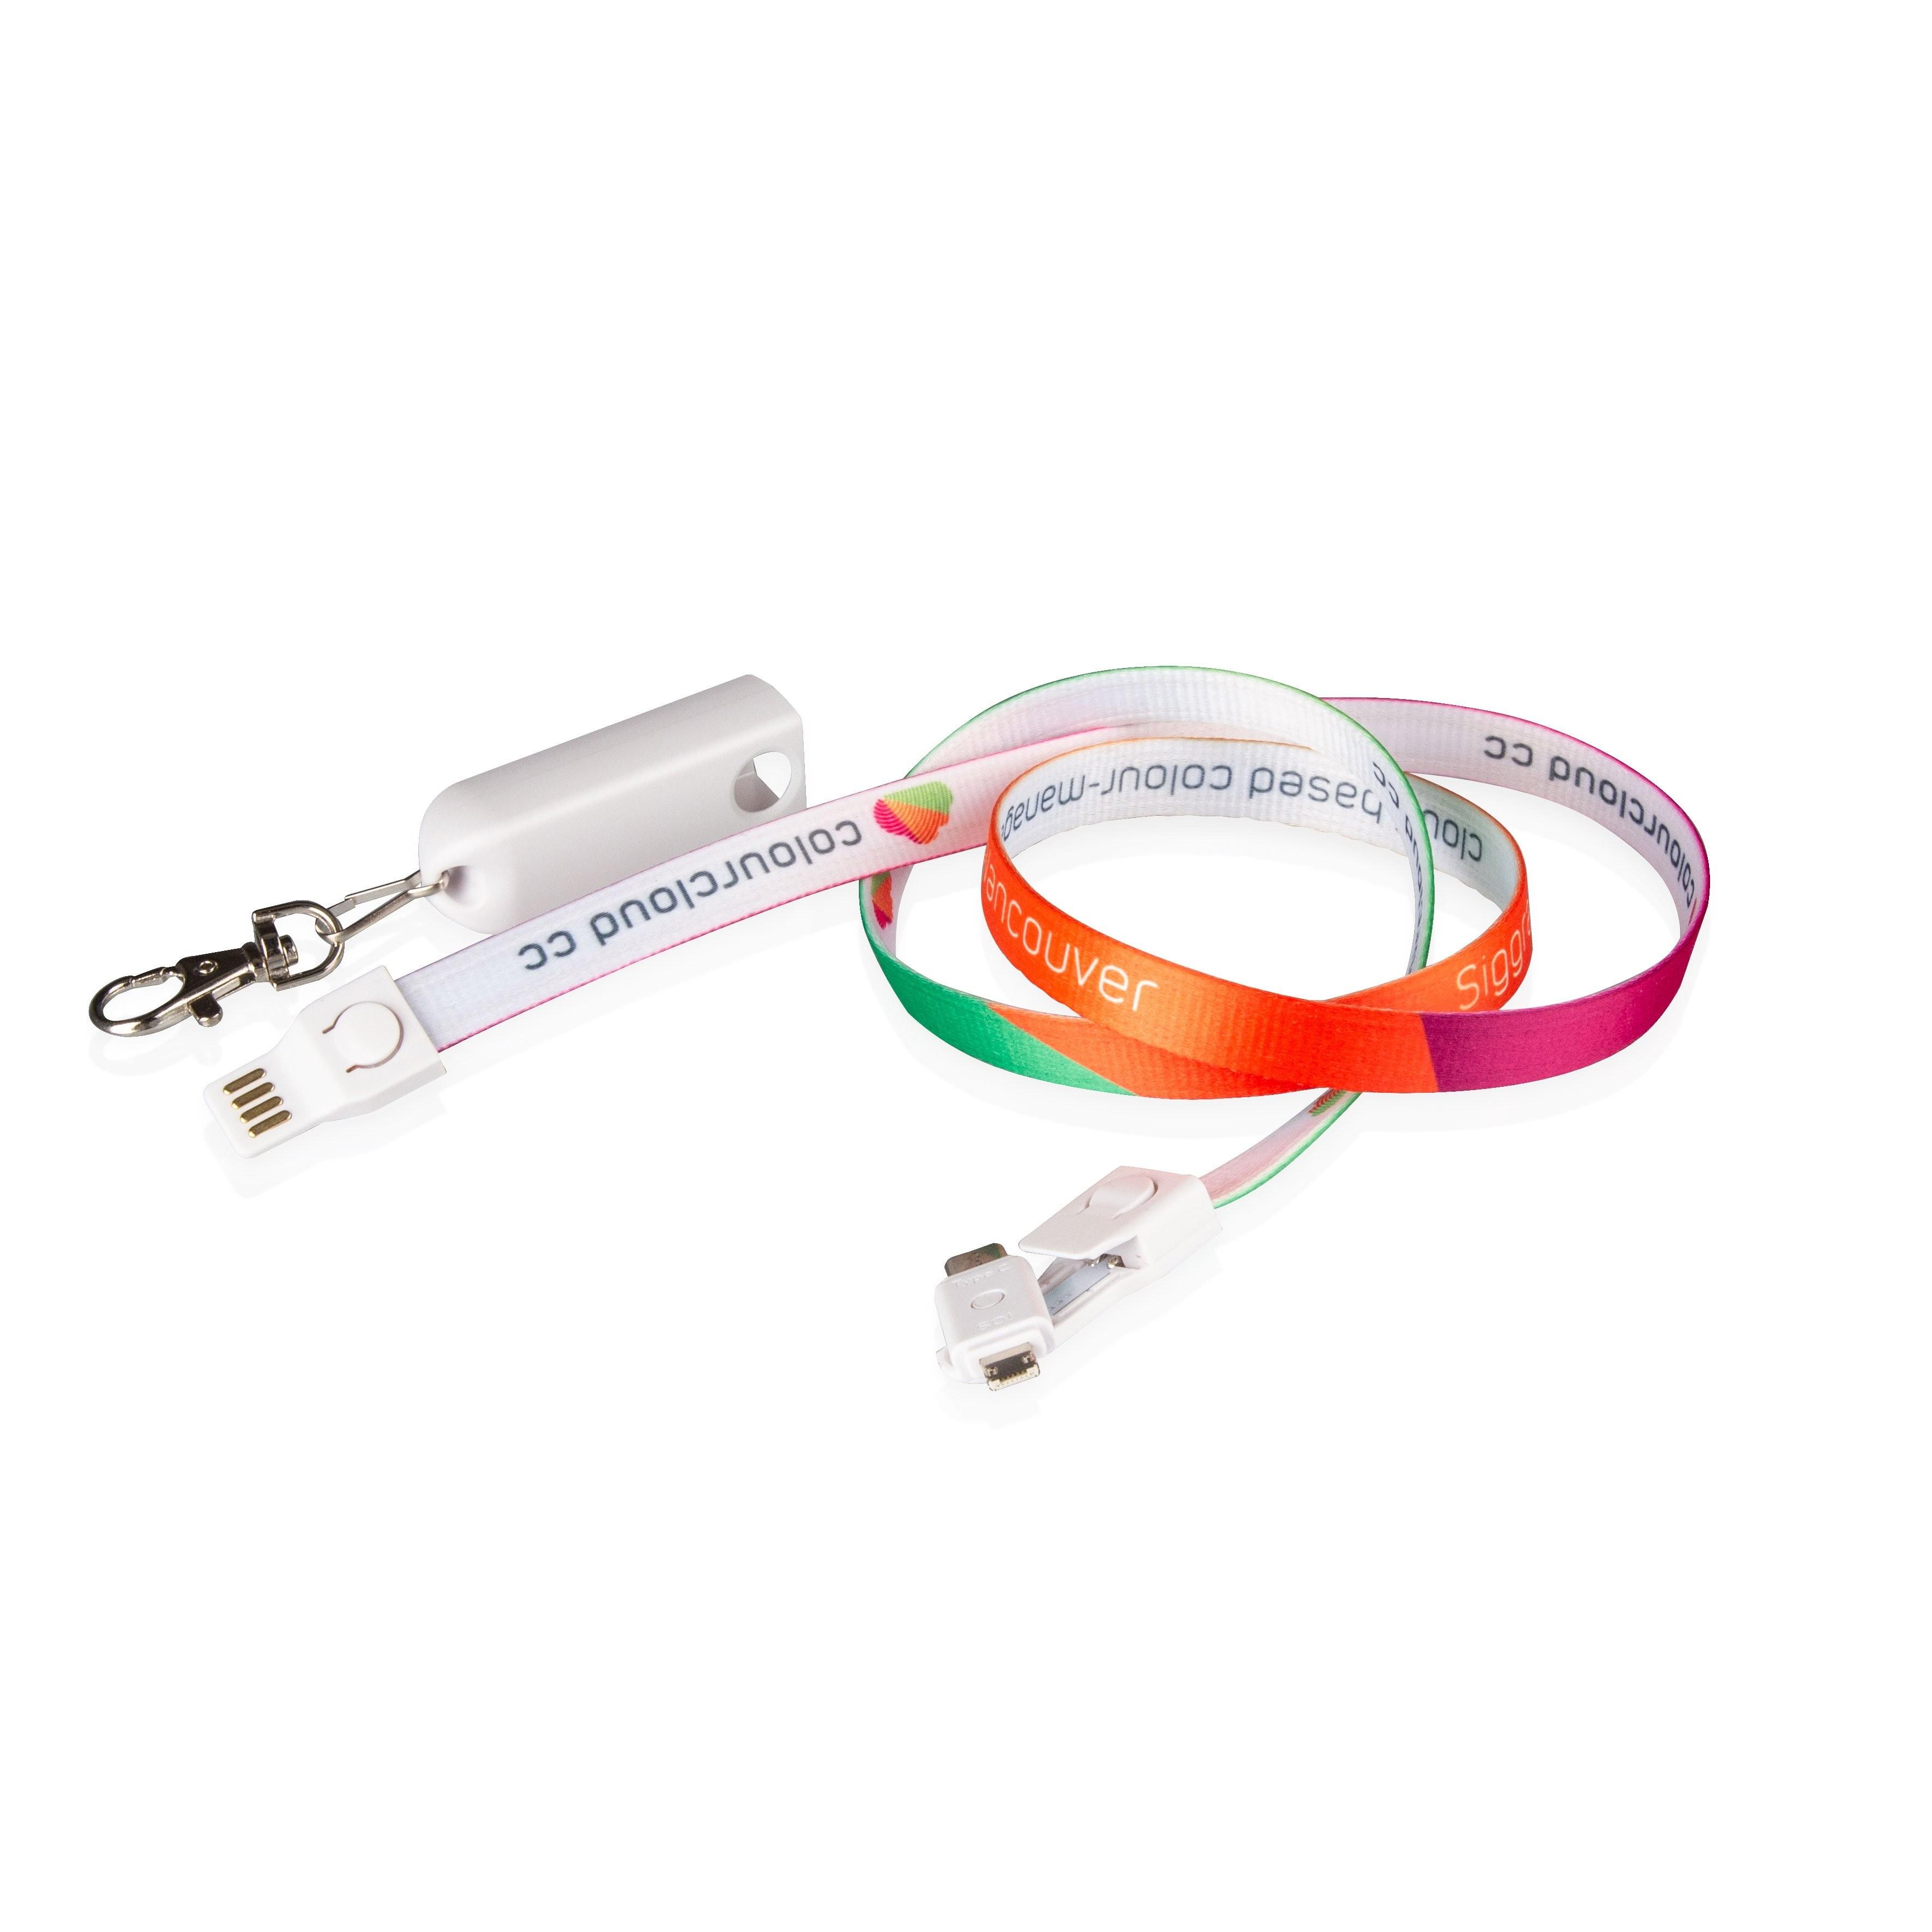 3-in-1 USB-Lanyard